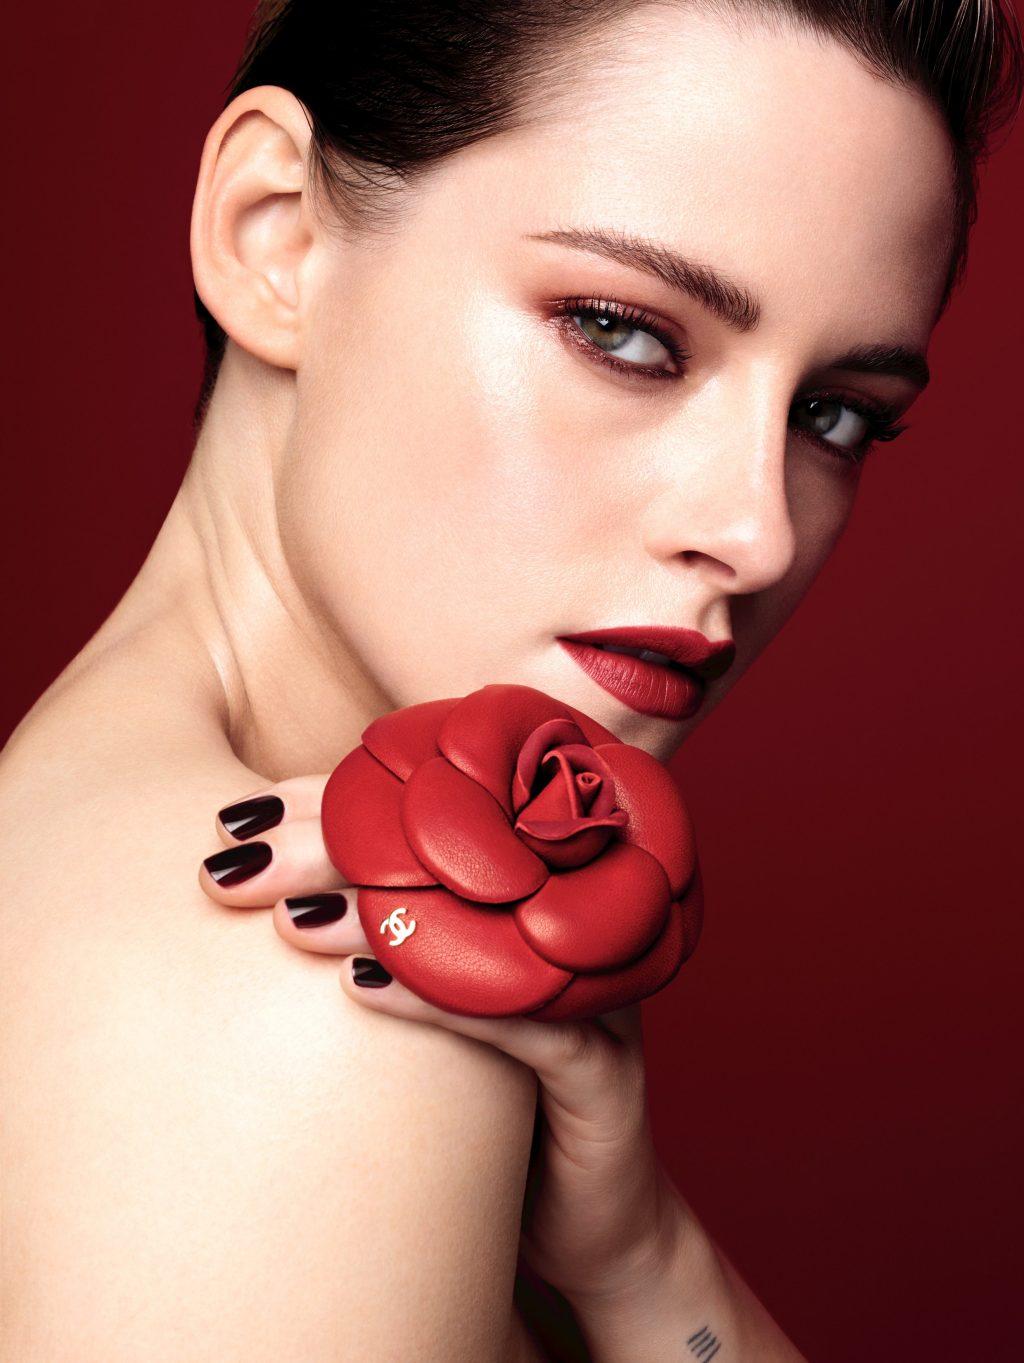 điểm tin làm đẹp gương mặt đại diện mới của Chanel